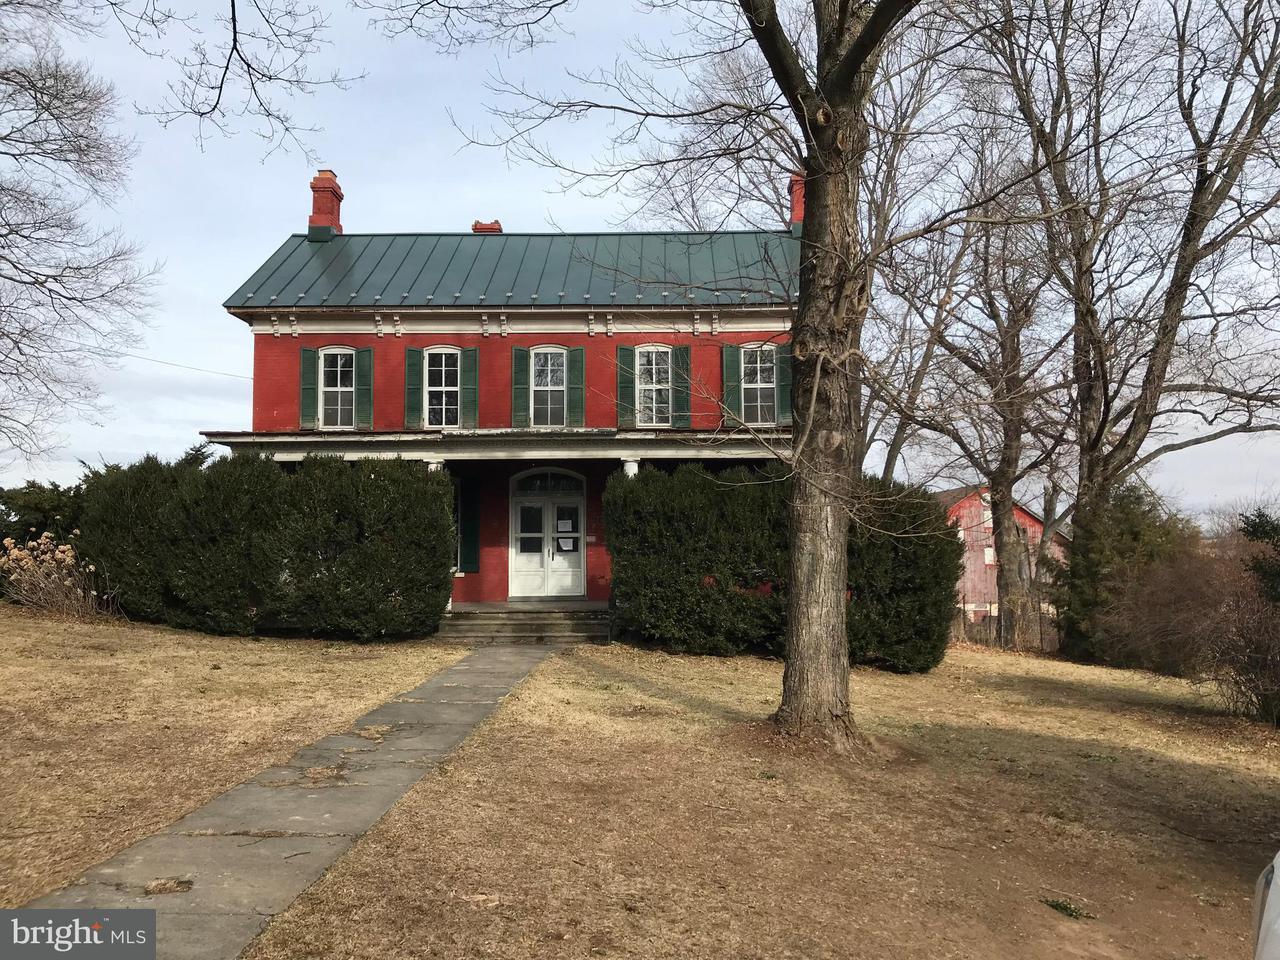 独户住宅 为 销售 在 5388 Shepherdstown Pike 5388 Shepherdstown Pike Shenandoah Junction, 西弗吉尼亚州 25442 美国